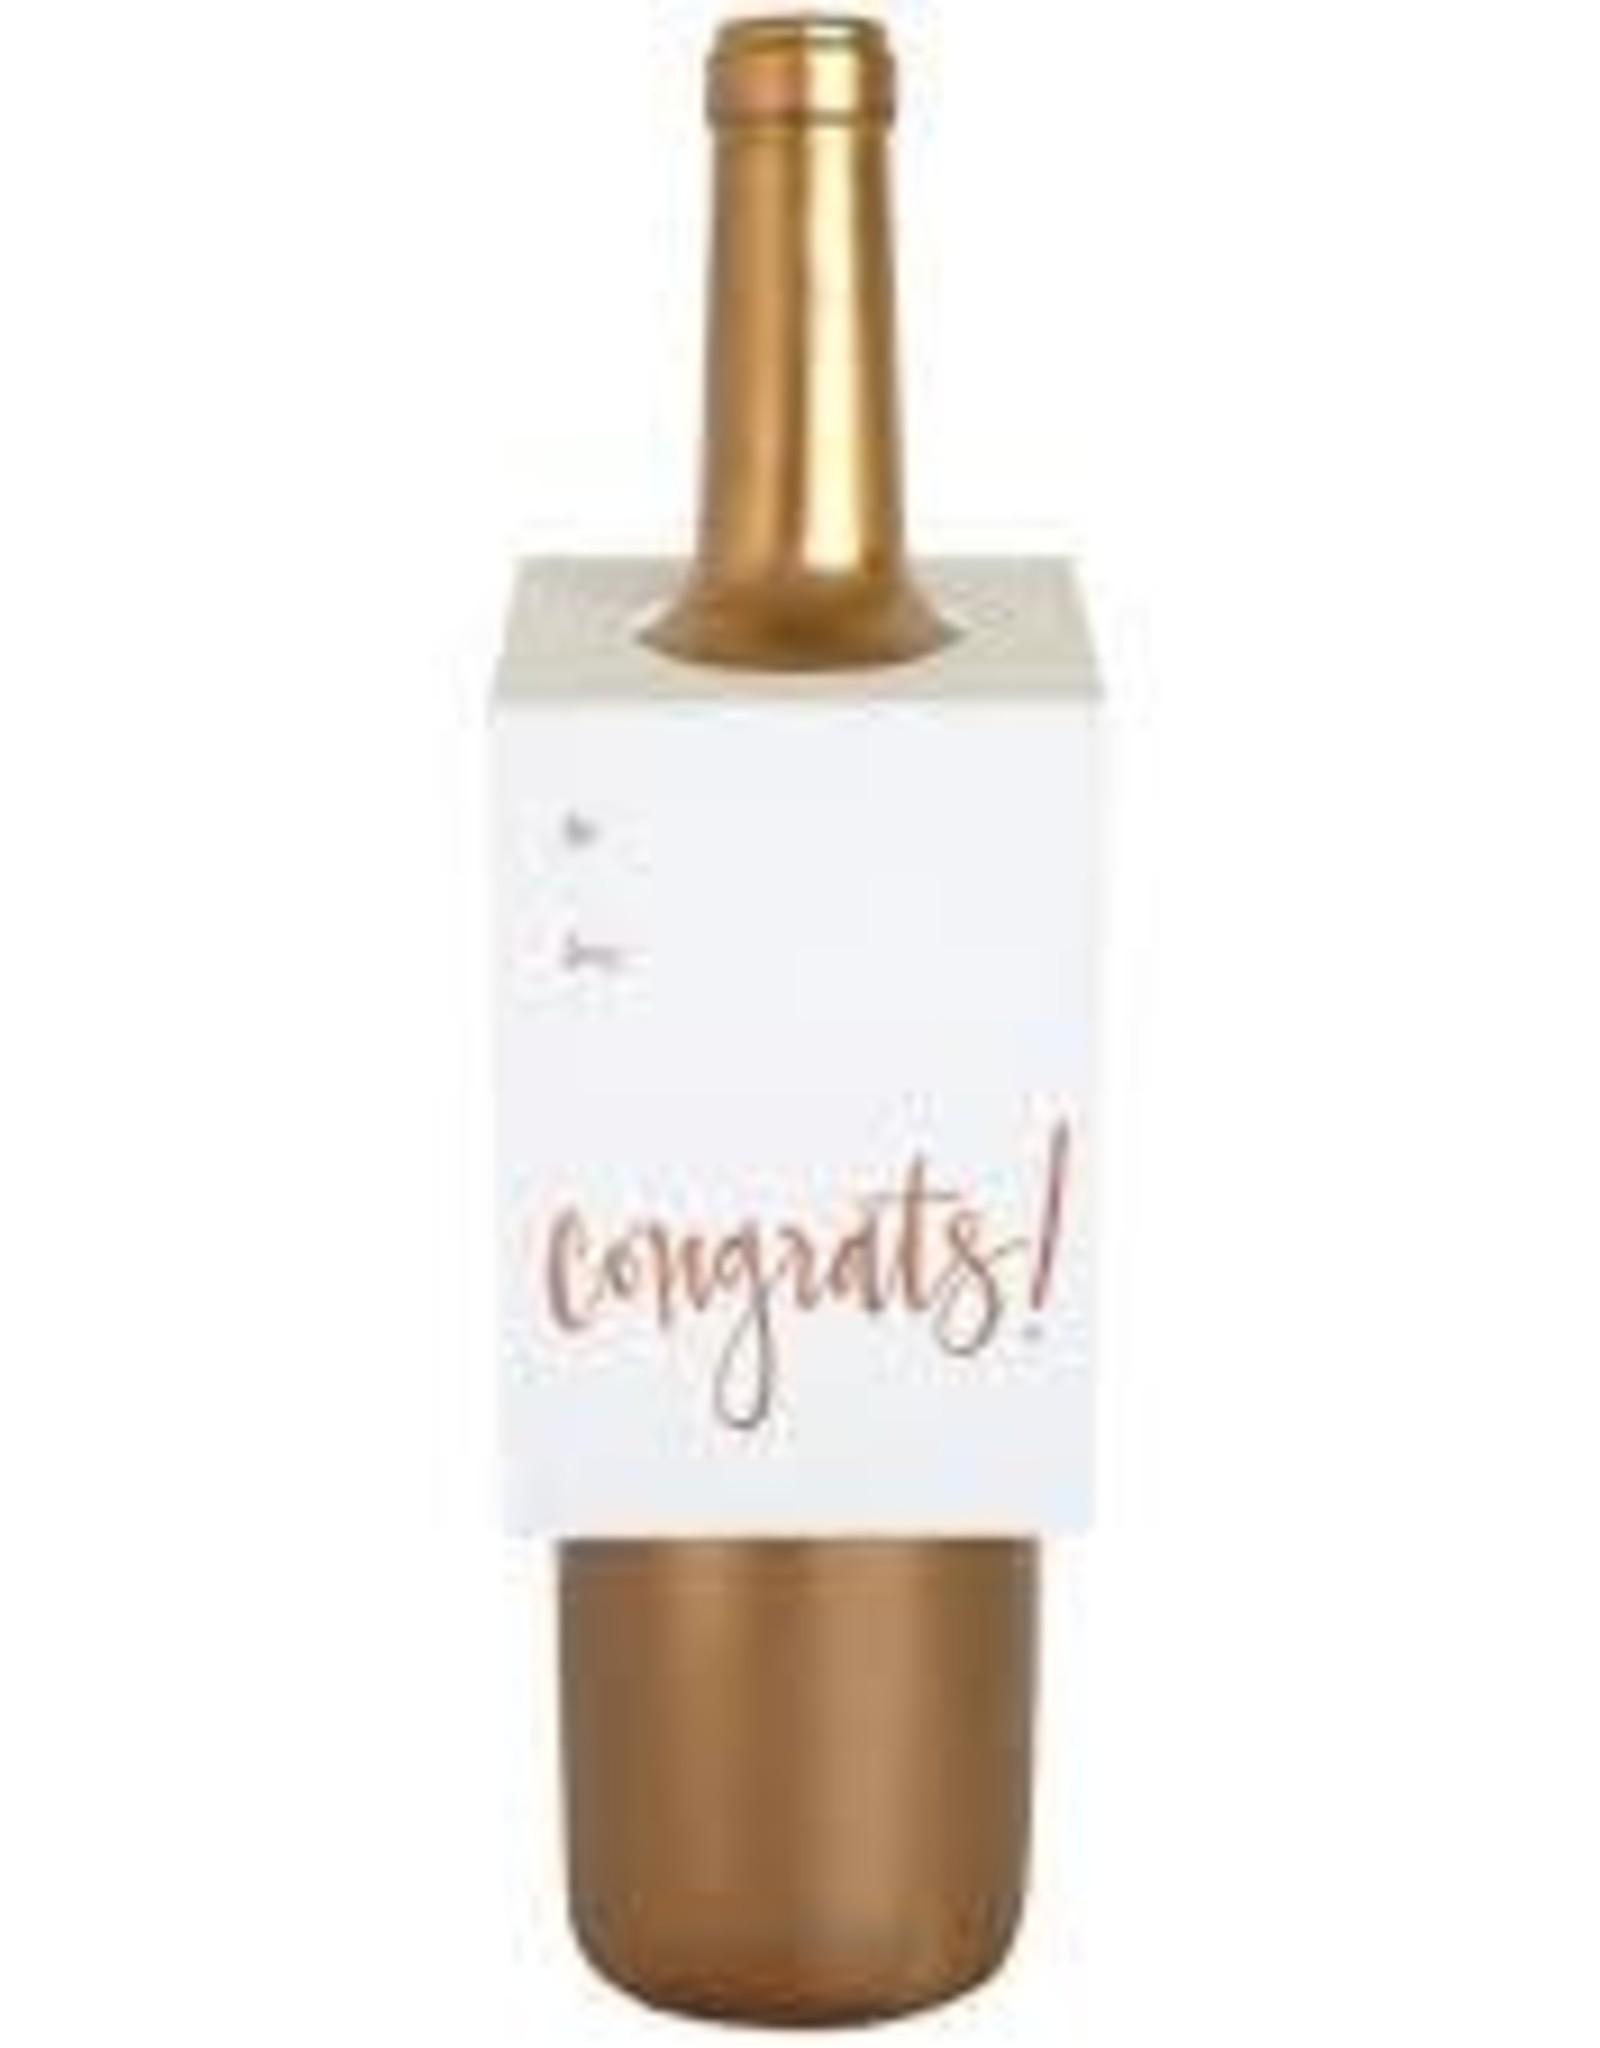 Chez Gagne Congrats Rose Gold Bottle Tag